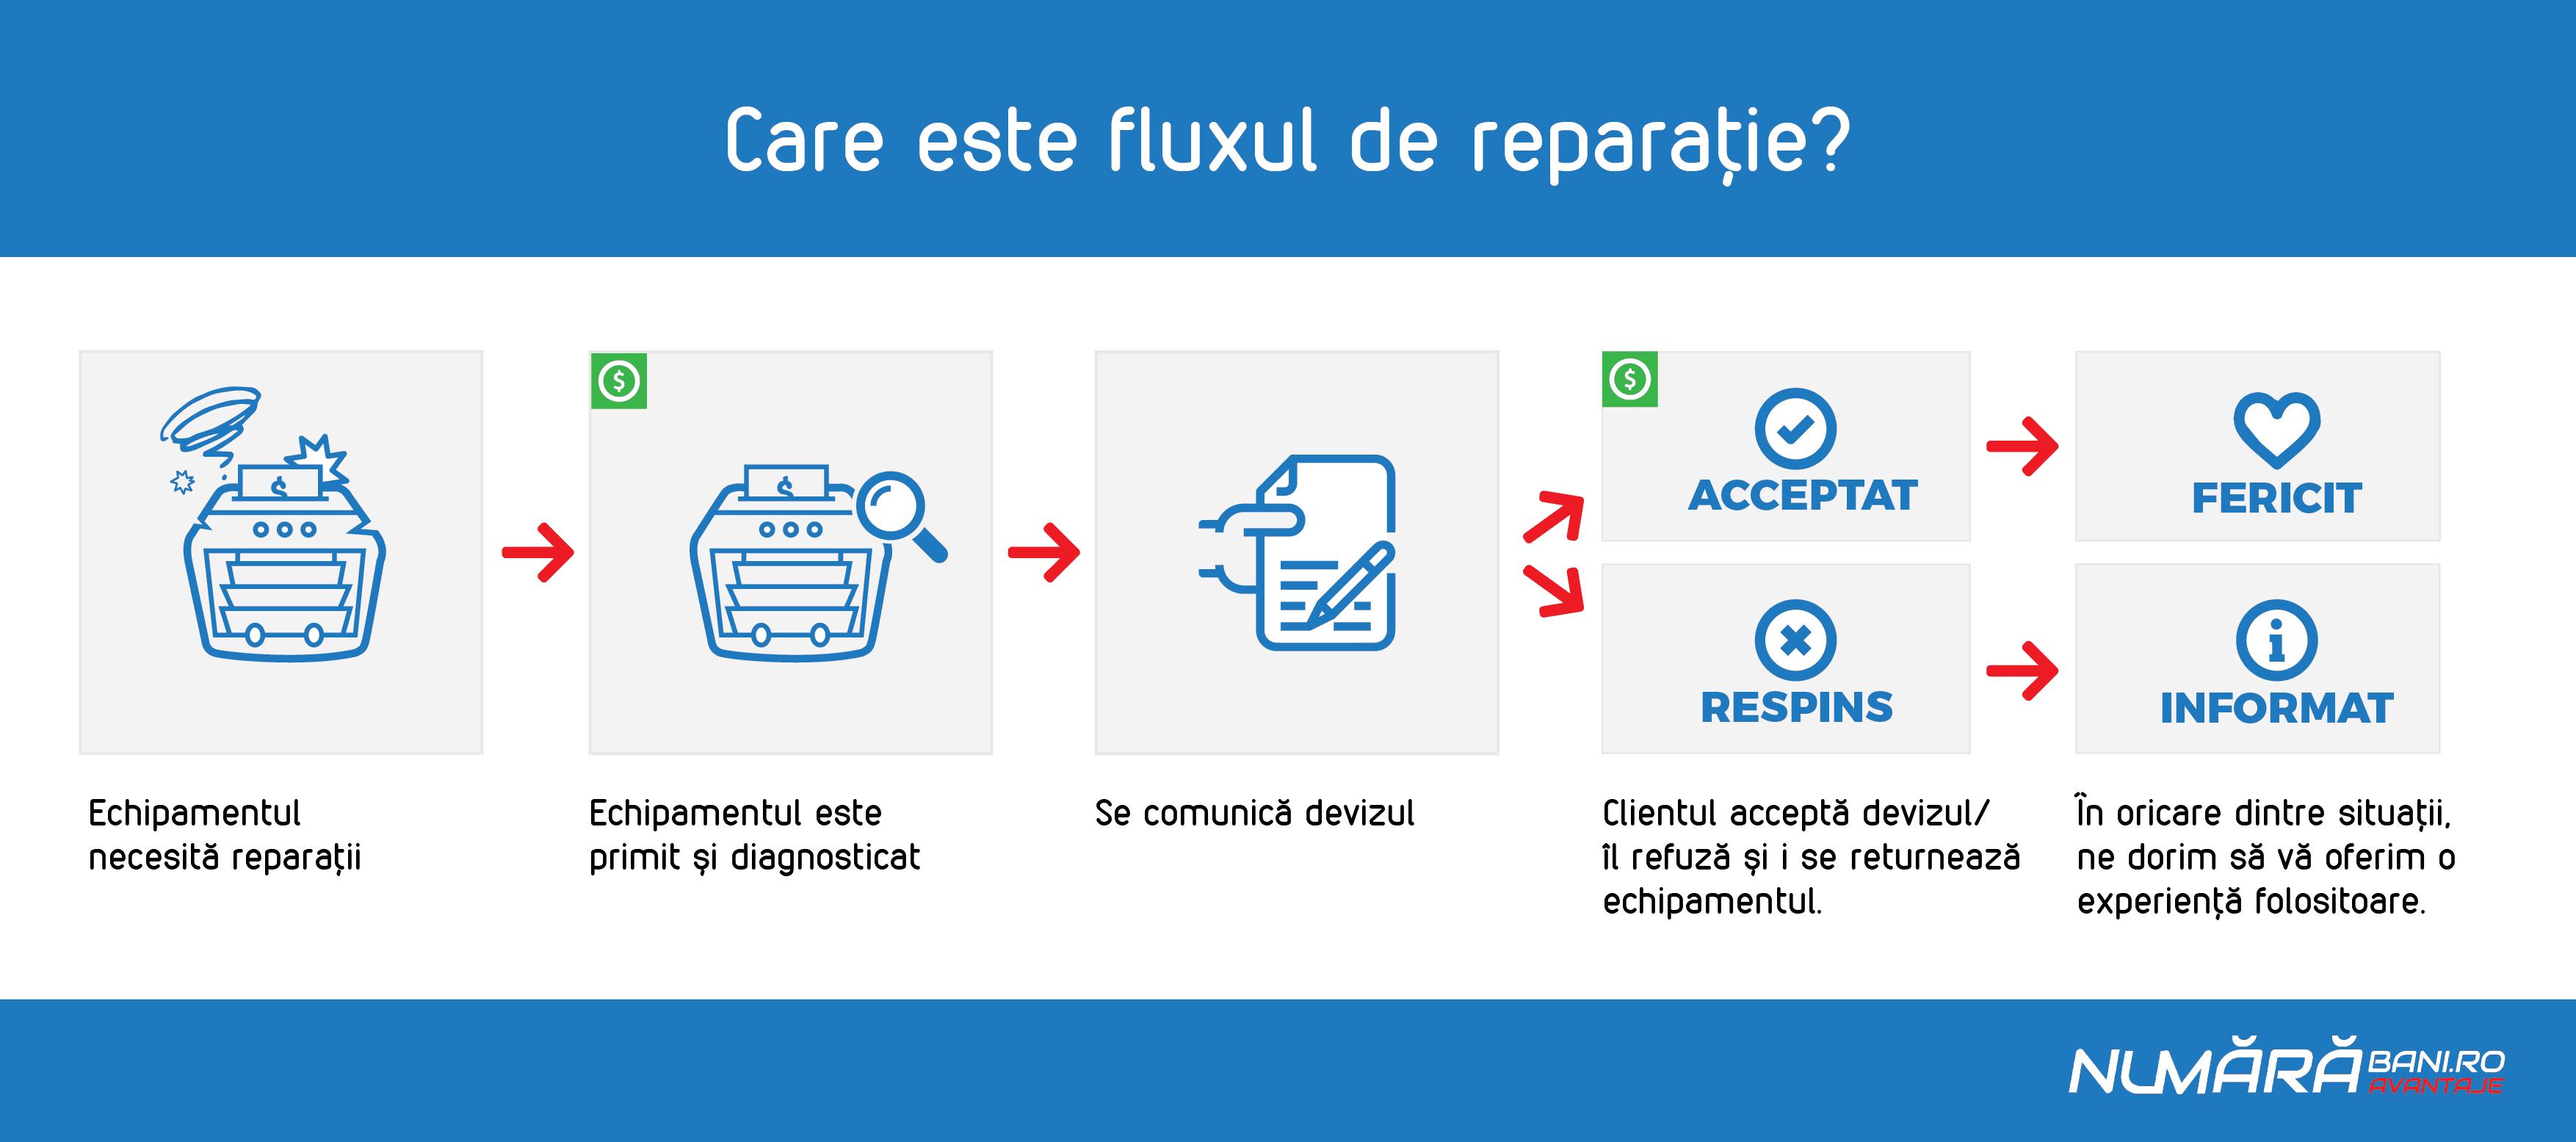 Flux_reparatie-01